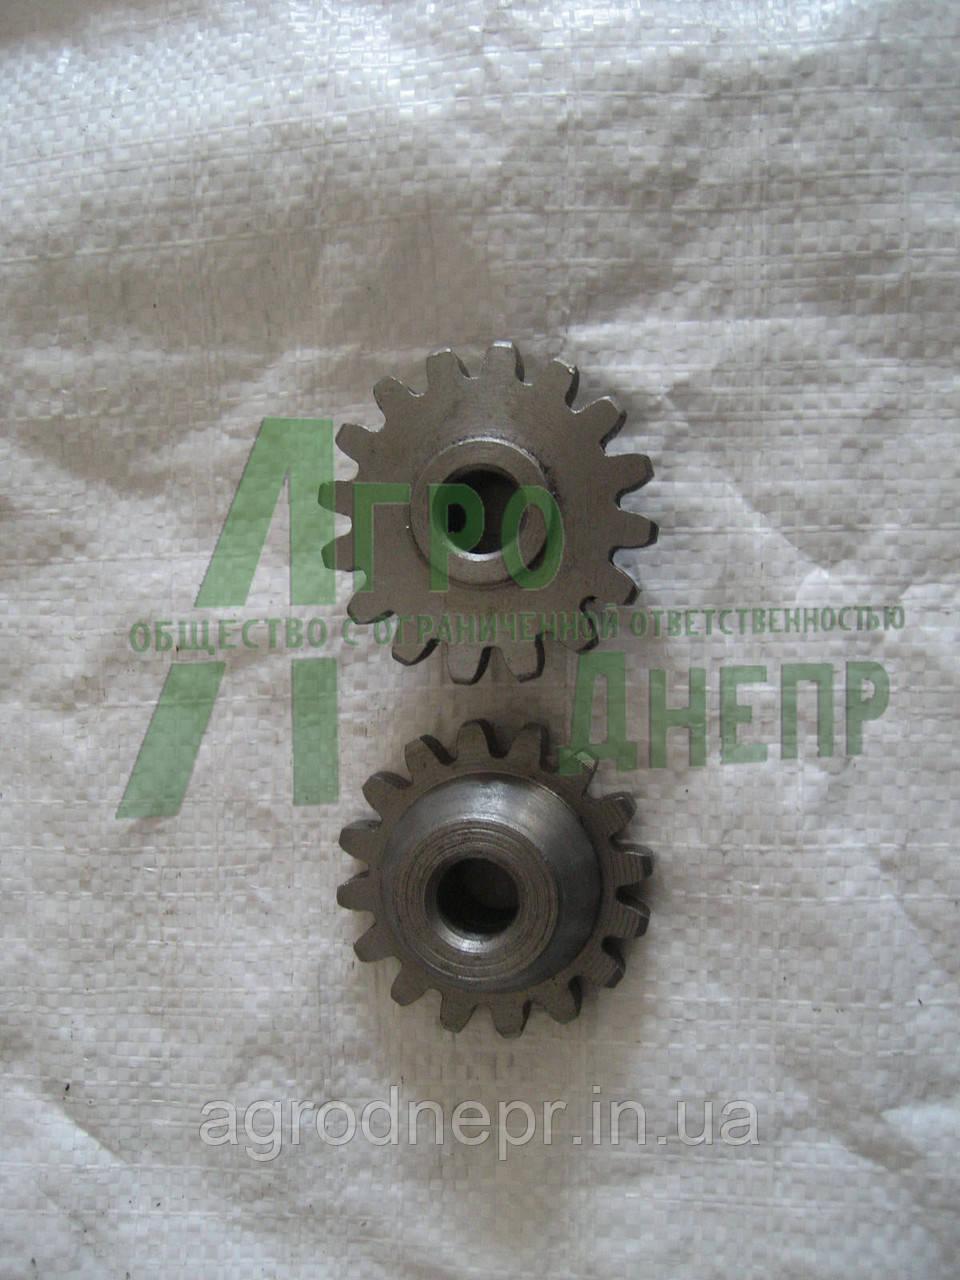 Шестерня (металлическа) Д25-075-Б СБ